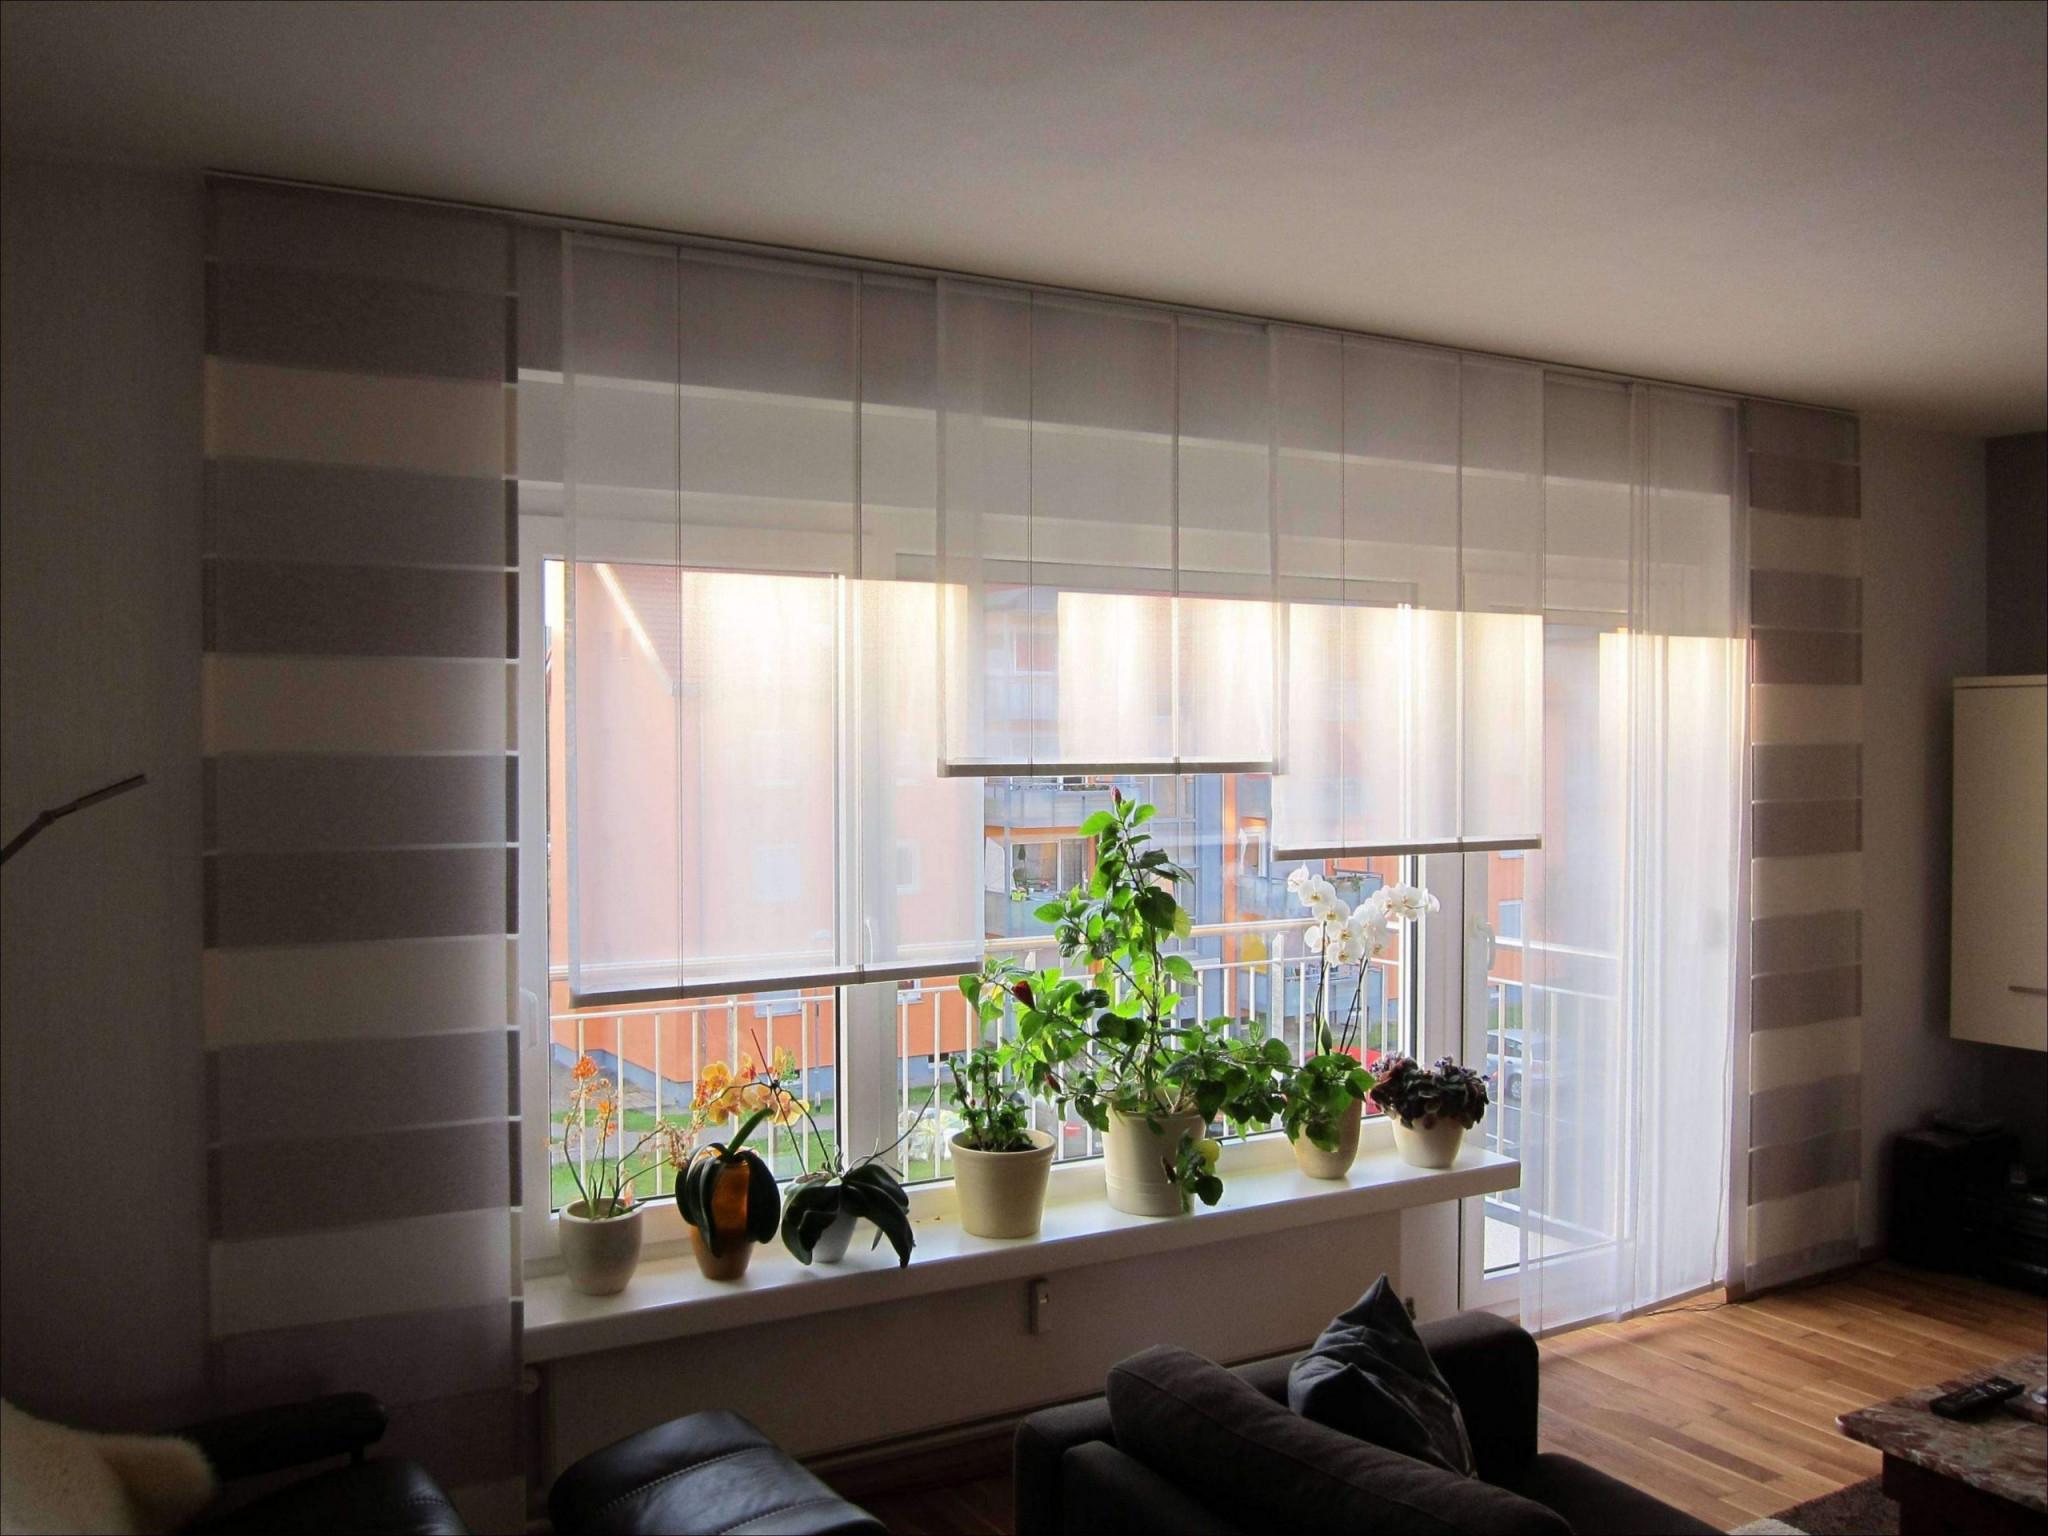 Gardinen Stores Für Wohnzimmer Einzigartig 36 Genial von Gardinen Stores Für Wohnzimmer Bild